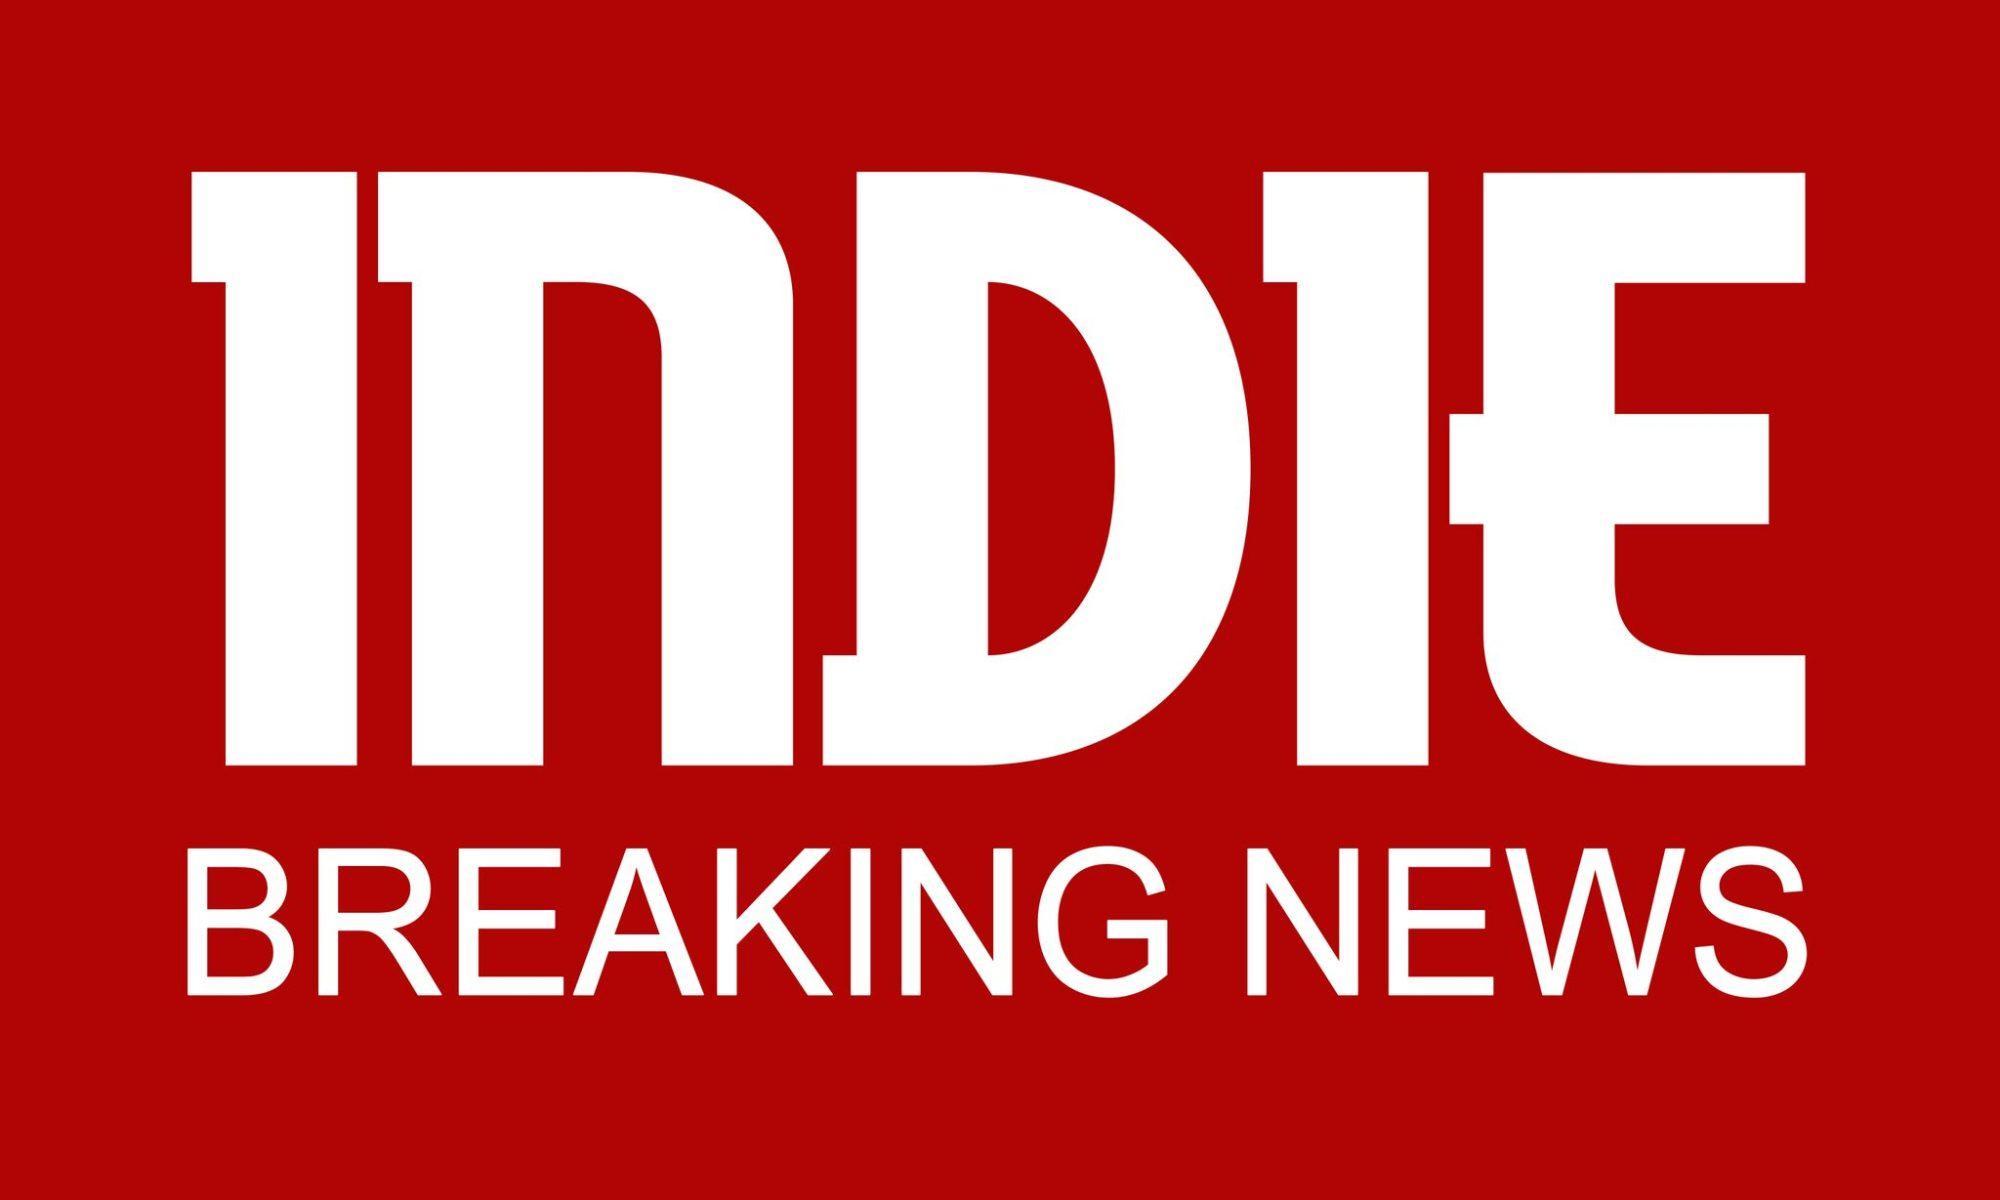 Indie breaking news image